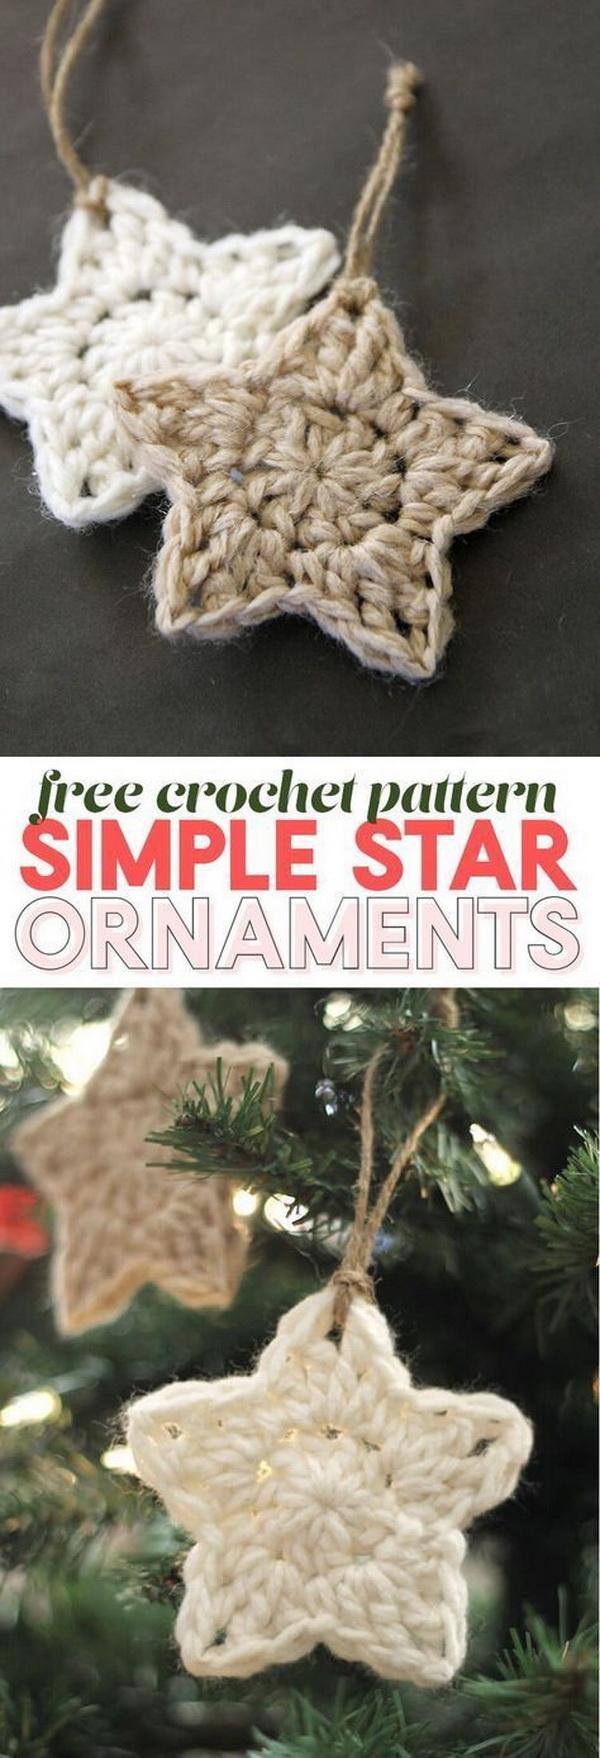 Crochet Stars Free Ornament Pattern.